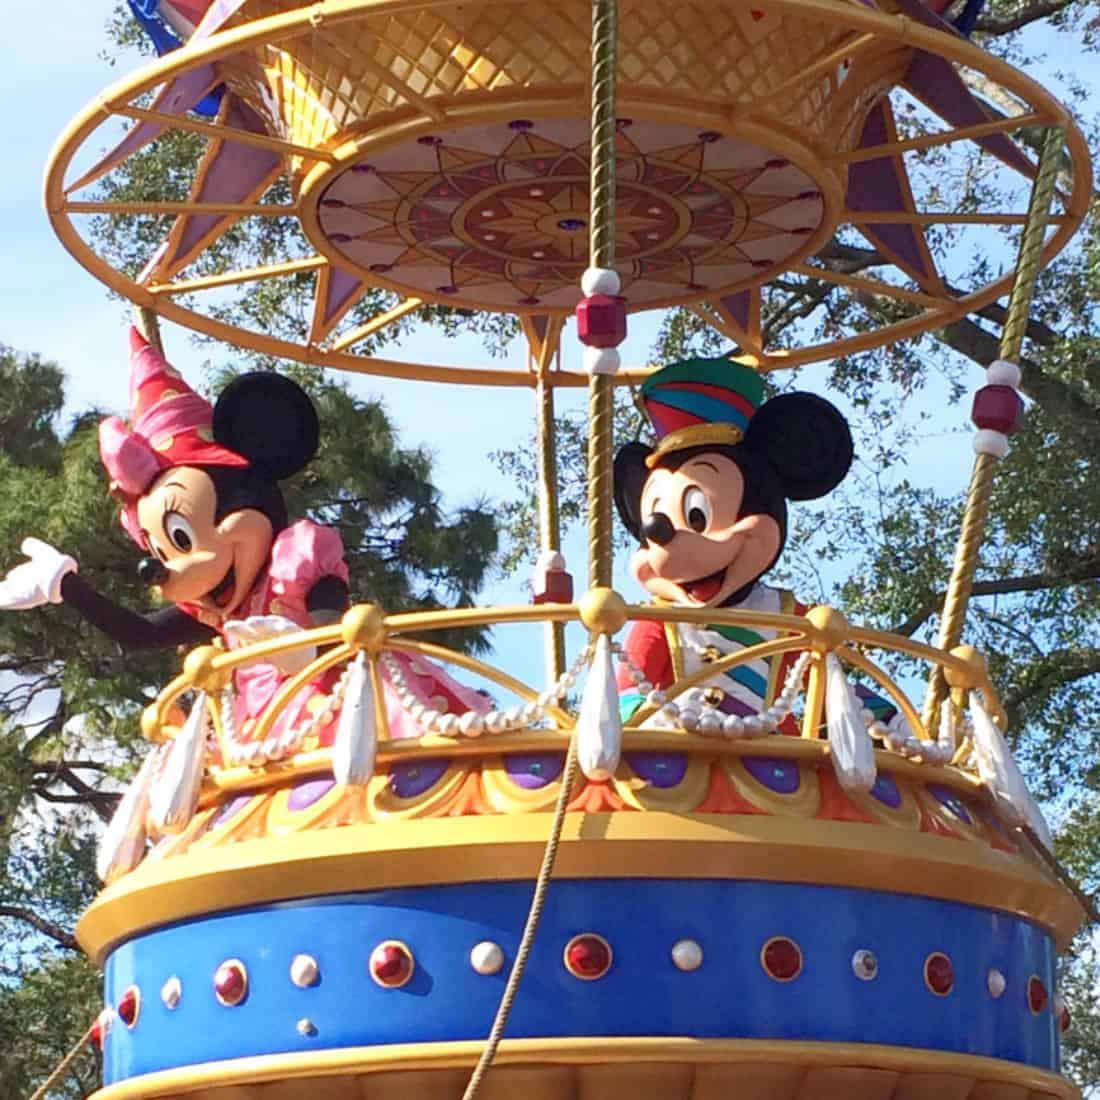 Disney's Festival of Fantasy Parade Route